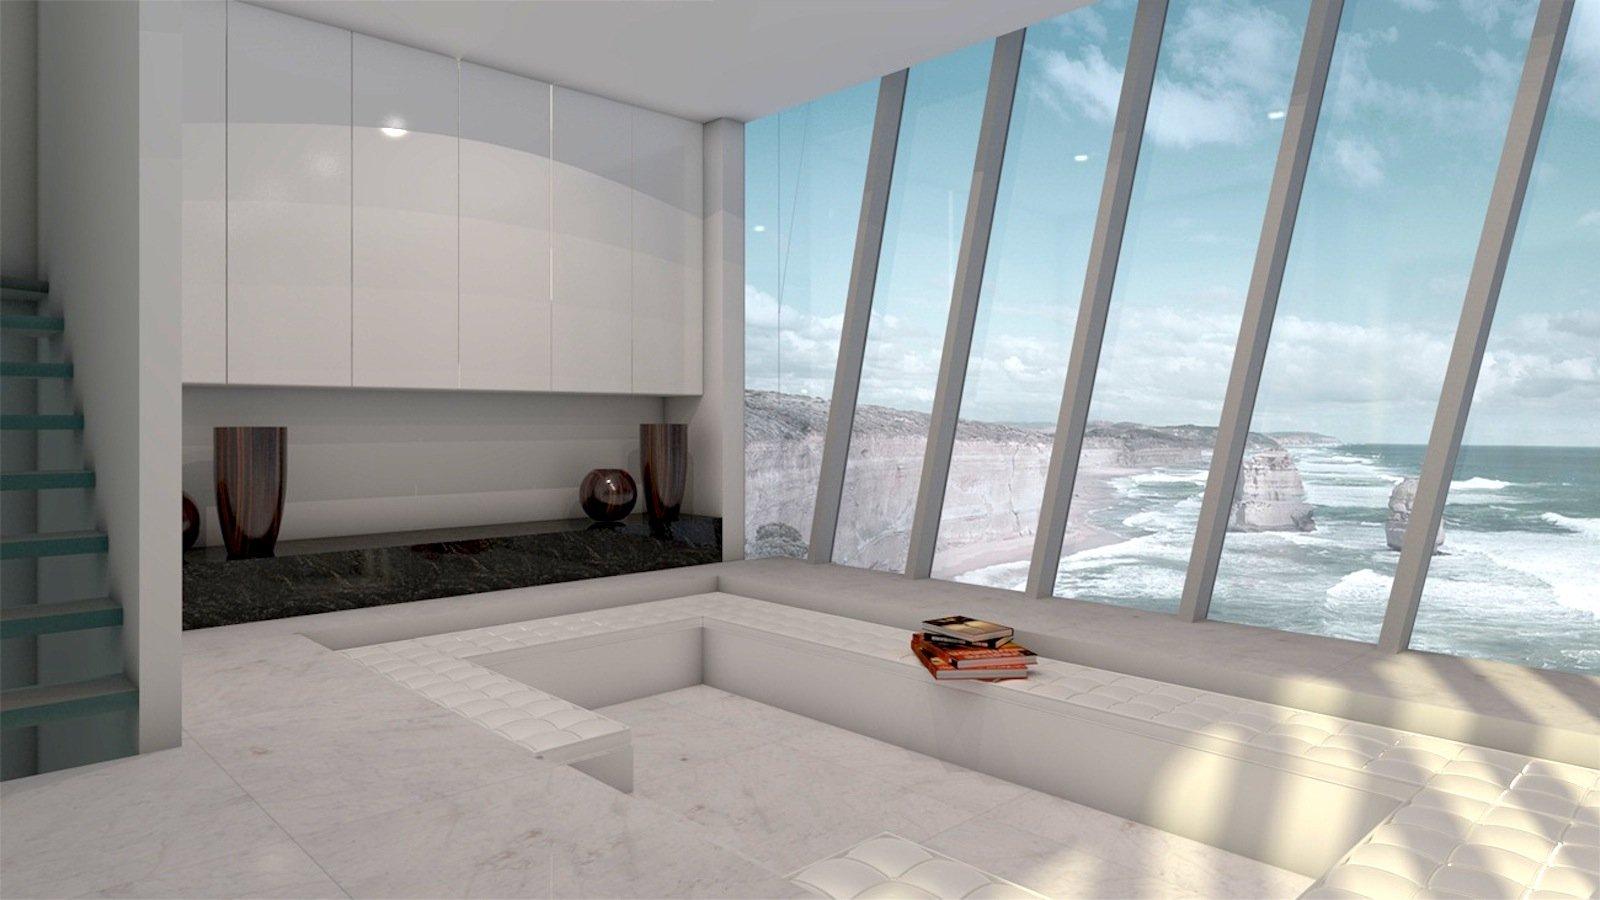 Kühles Design innen und spektakulärer Ausblick: Das Klippenhaus der australischen Design- und Fertigbaufirma Modscape ist zweifellos etwas Besonderes.